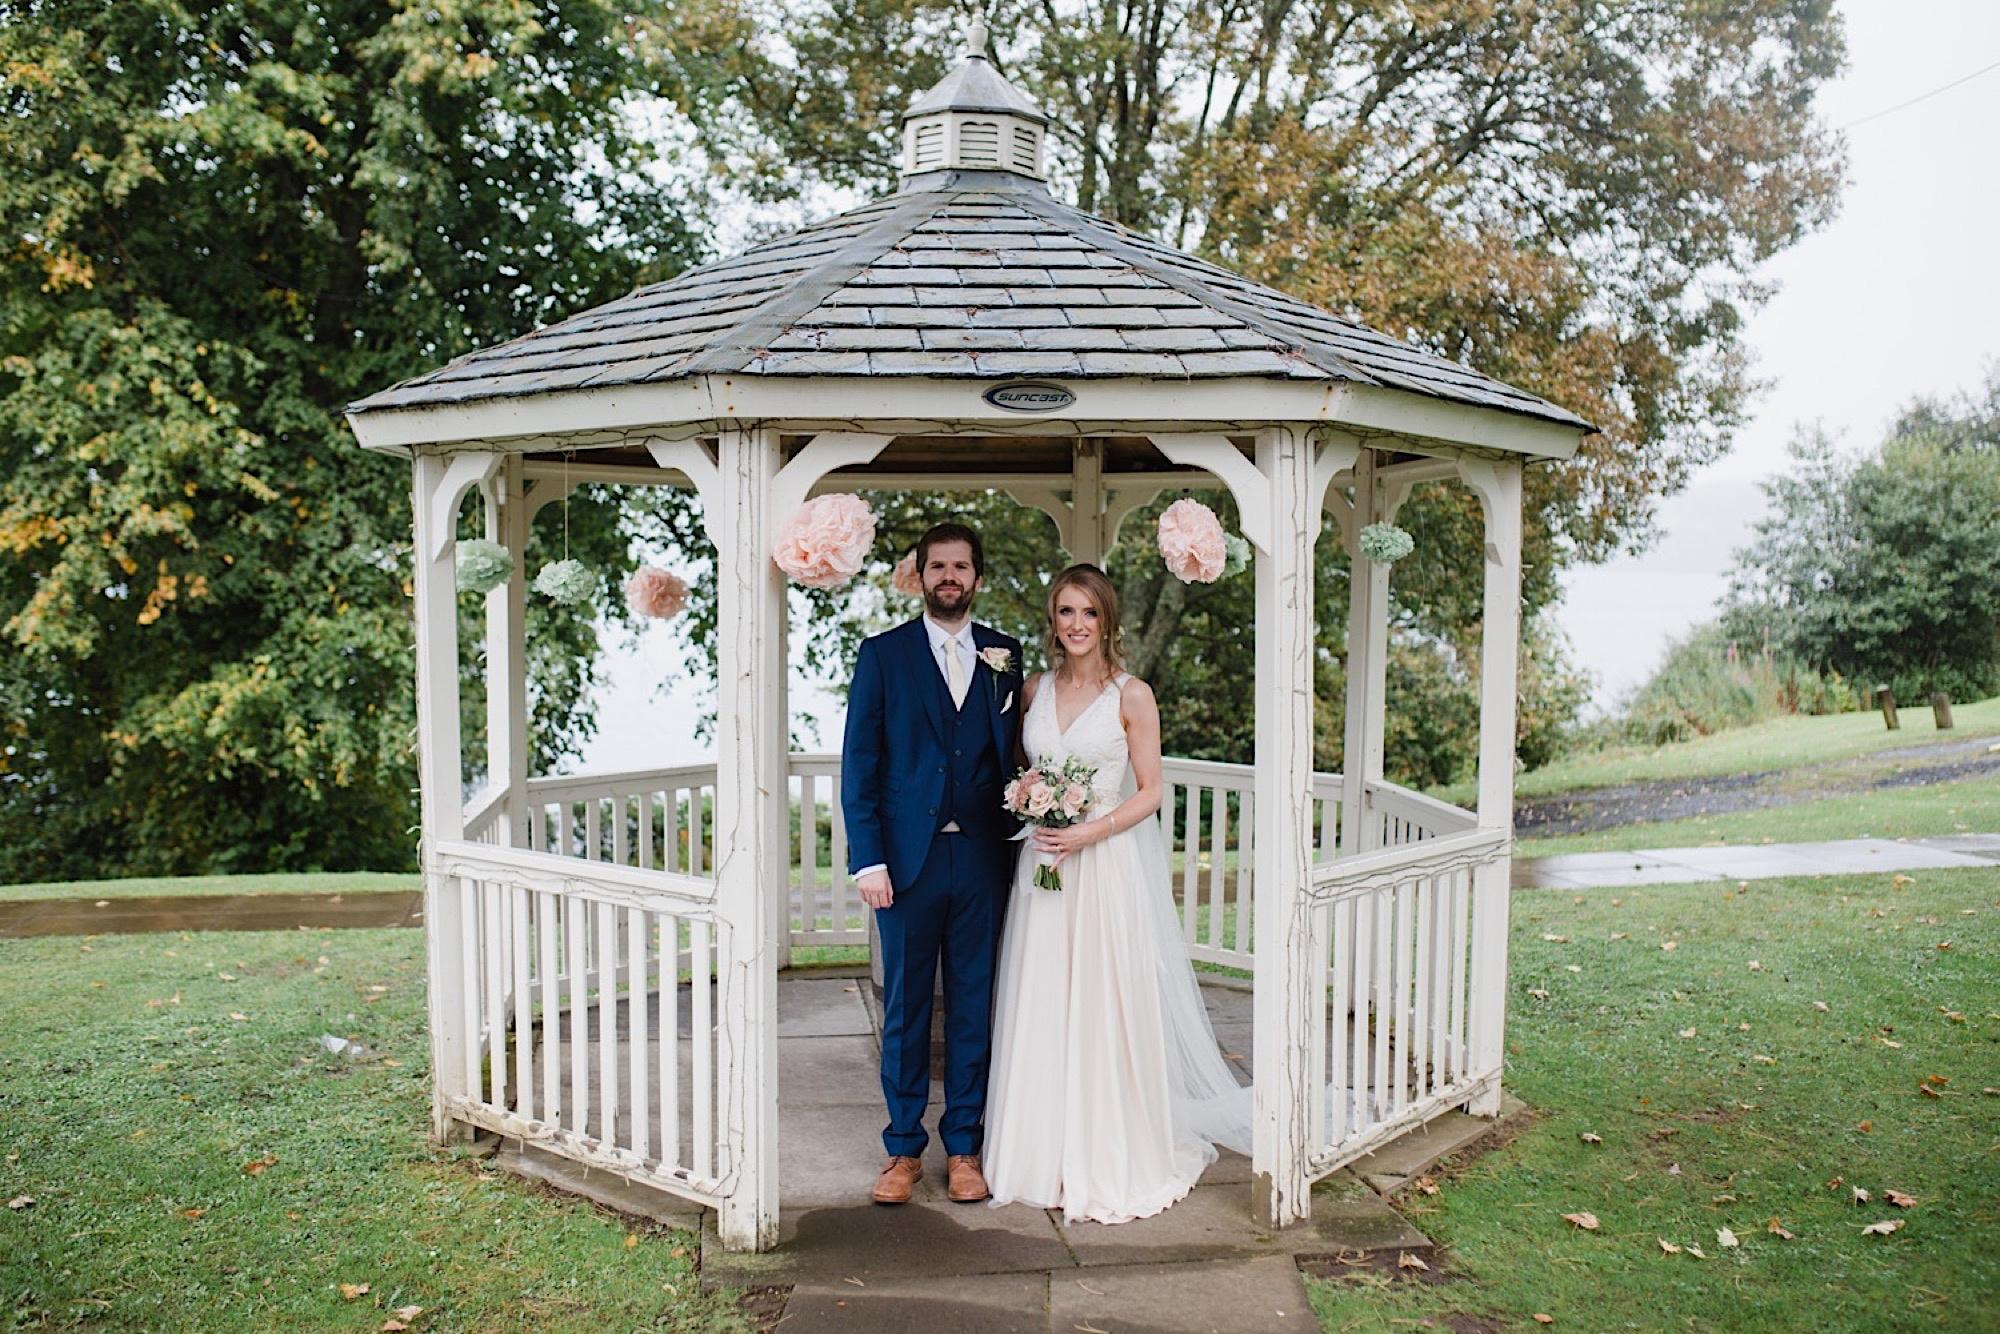 birde and groom rainy wedding day under pergola